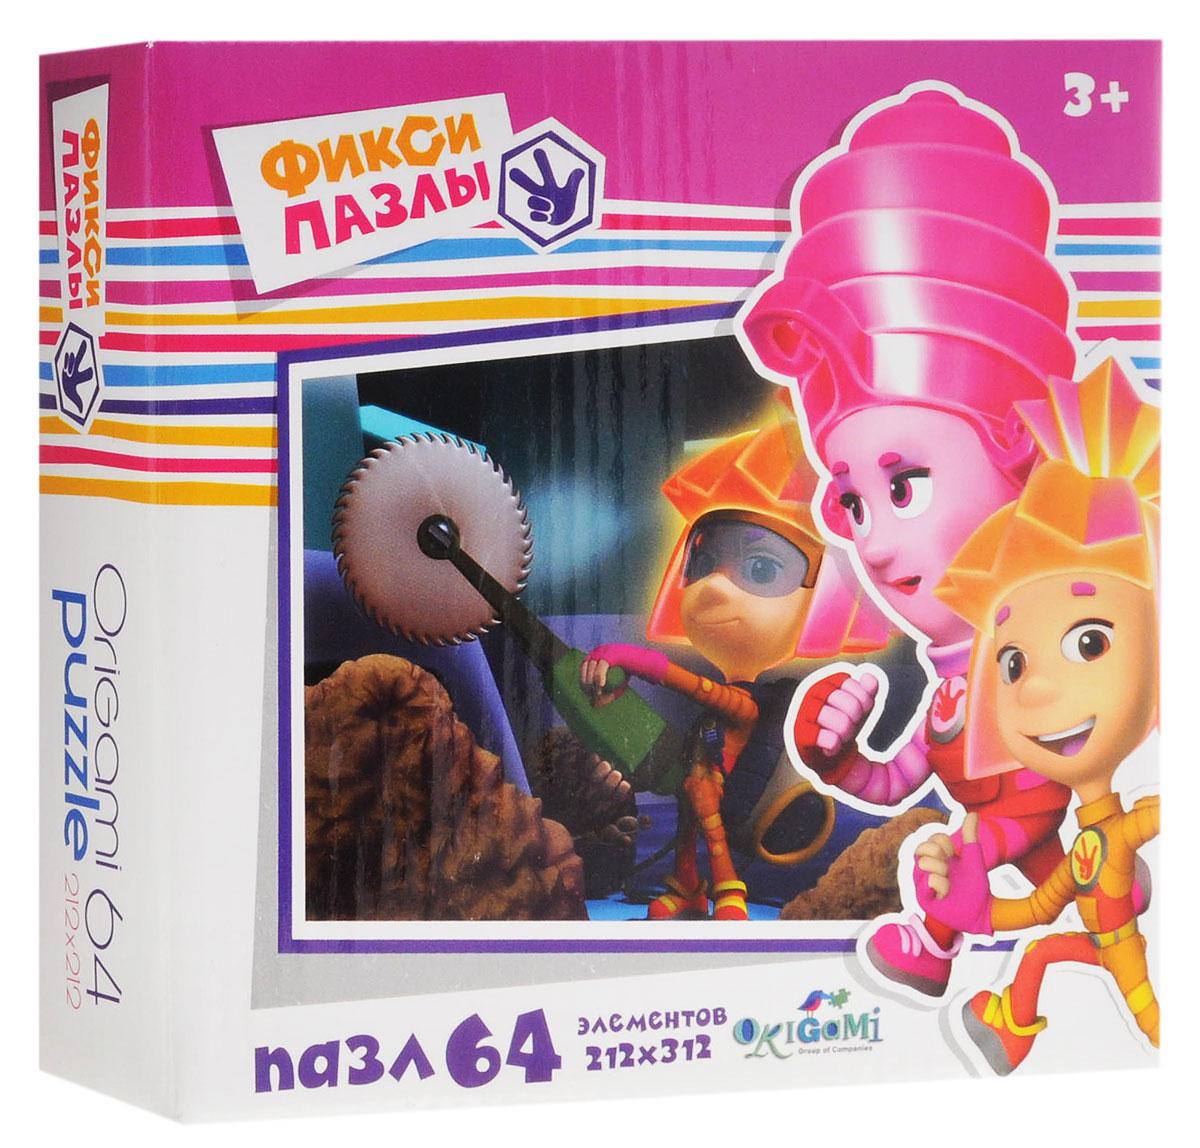 Оригами Пазл Фиксики Внутри клавиатуры11691Мини-пазл Оригами Фиксики. Внутри клавиатуры - это хороший способ в ненавязчивой форме развивать у ребёнка мелкую моторику рук, пространственное мышление. Детали пазла изготовлены из плотно спрессованного картона, а верхний слой представлен заламинированной картинкой с красочным изображением героев мультсериала Фиксики. Размер собранного пазла: 21,2 см х 31,2 см.